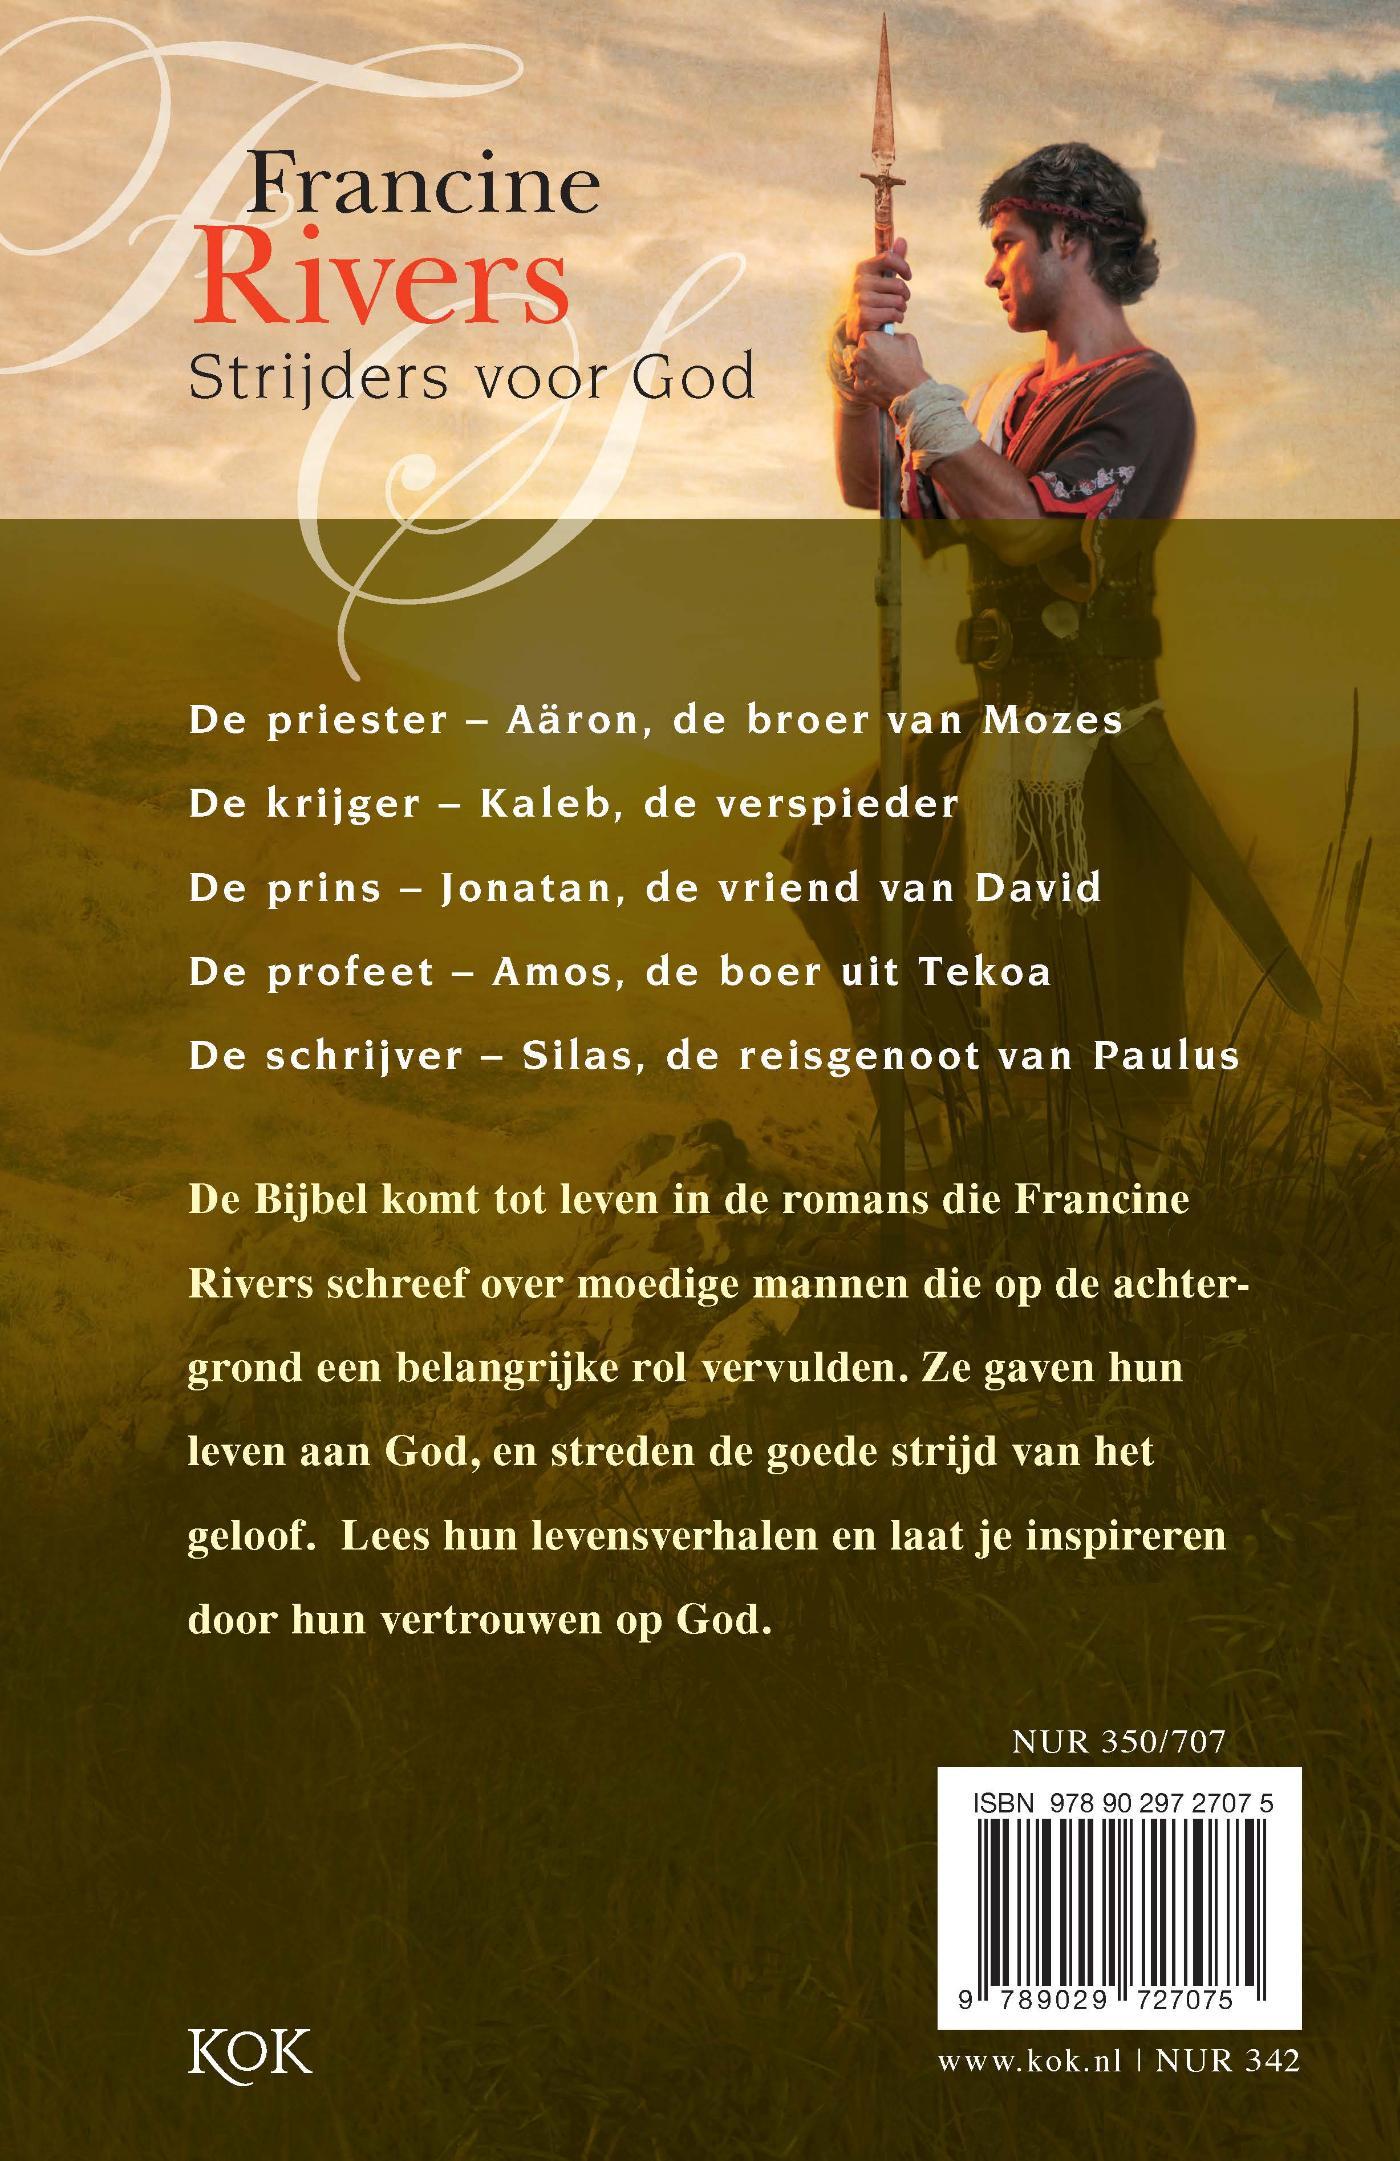 Strijders voor God